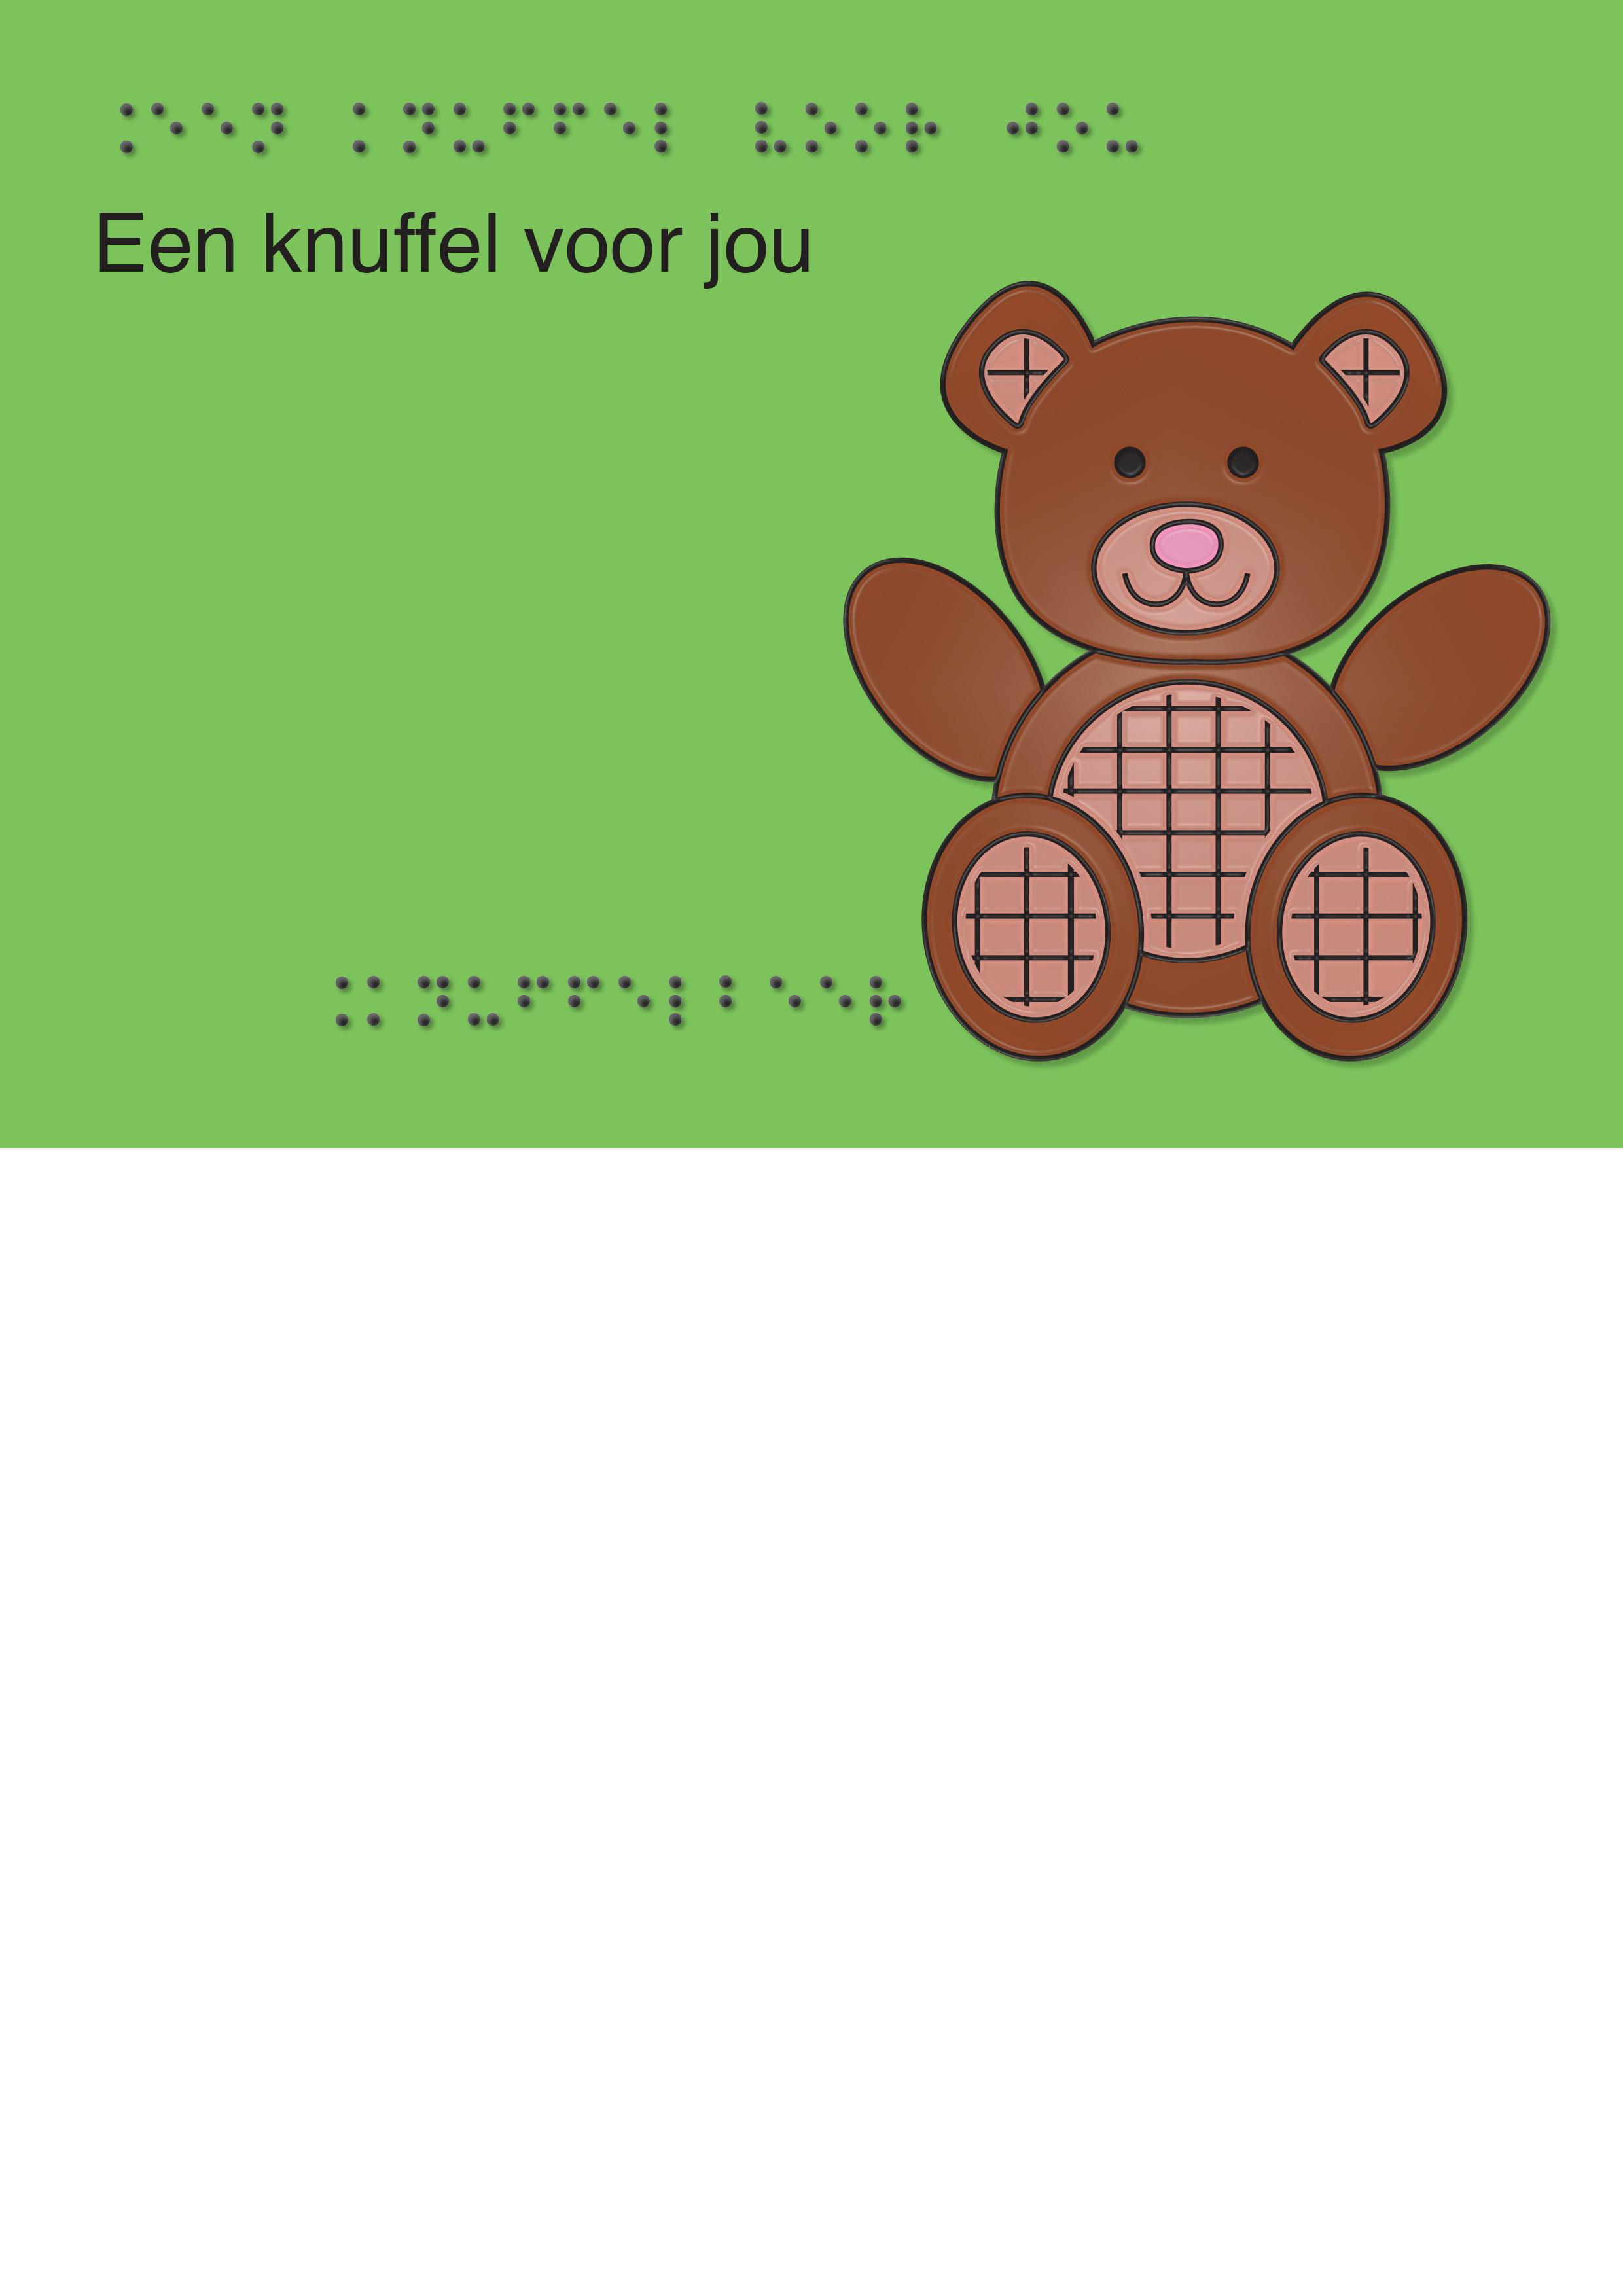 Voelbare wenskaart met braille en reliëf. In braille de tekst: Een knuffel voor jou. Met full color voelbare afbeelding van een knuffelbeer.